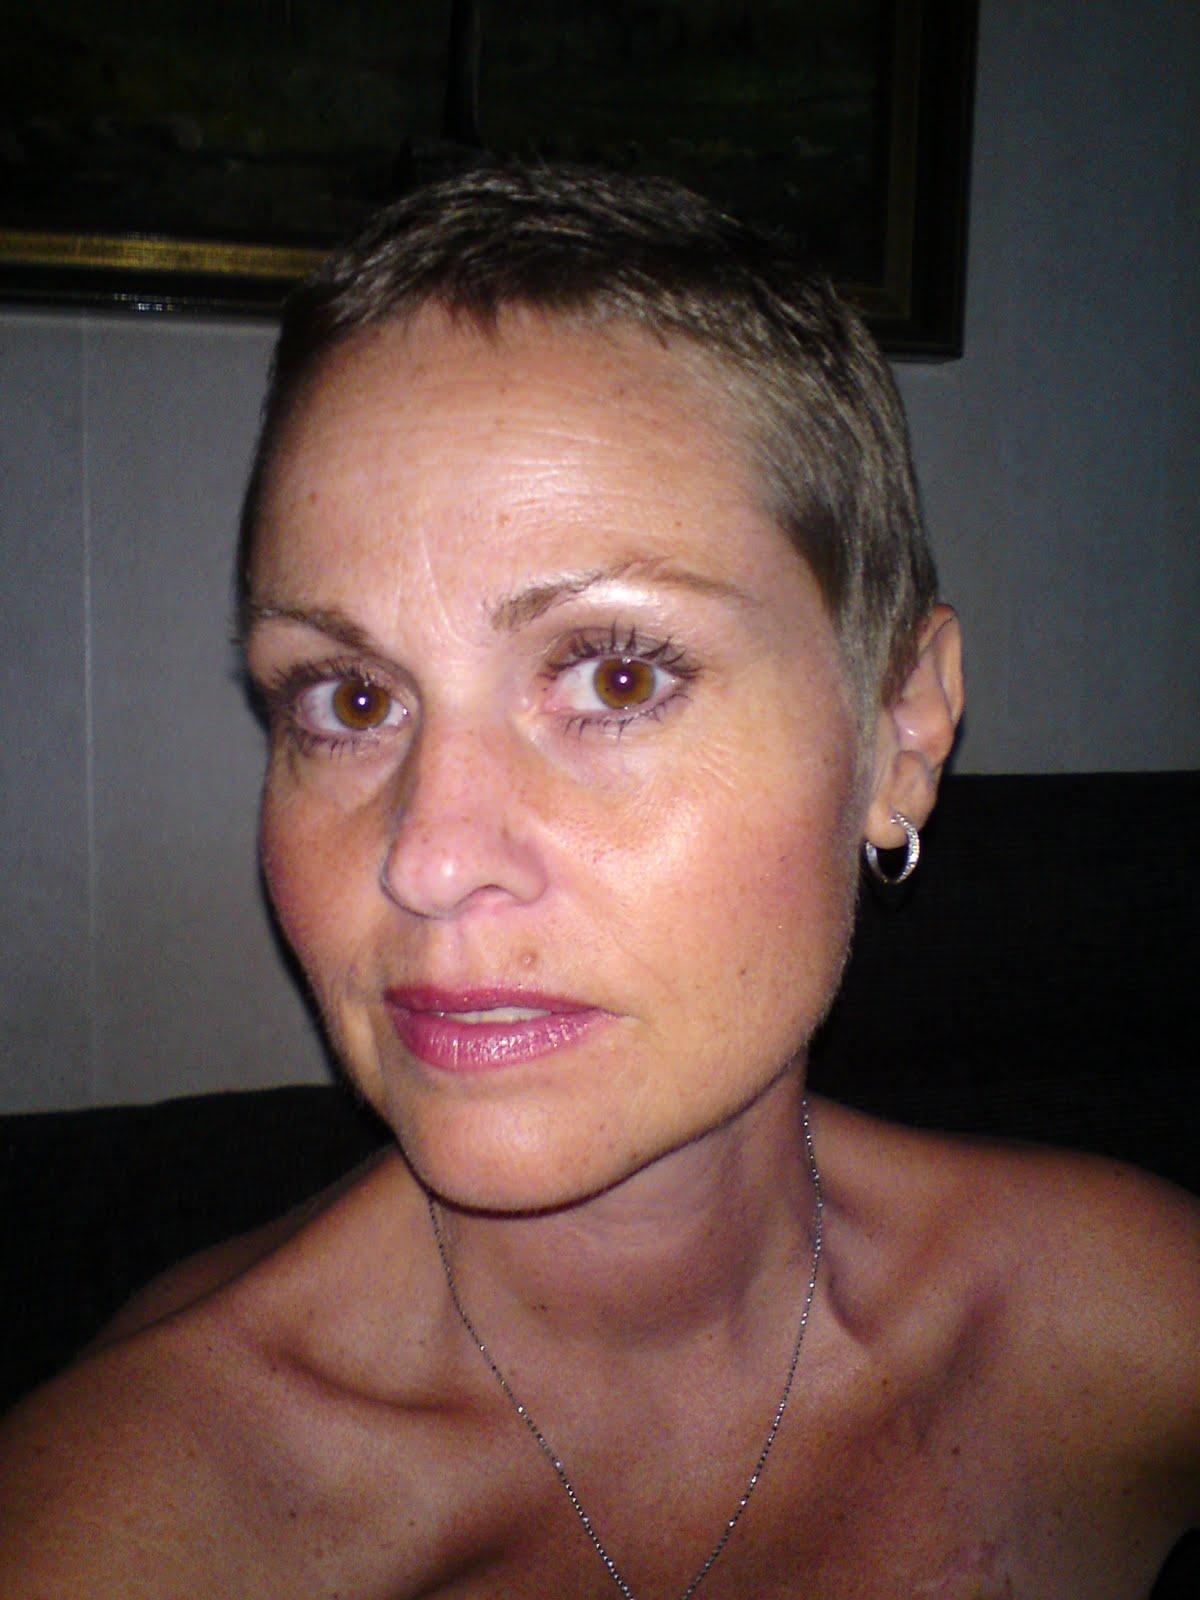 håret efter cellgiftsbehandling